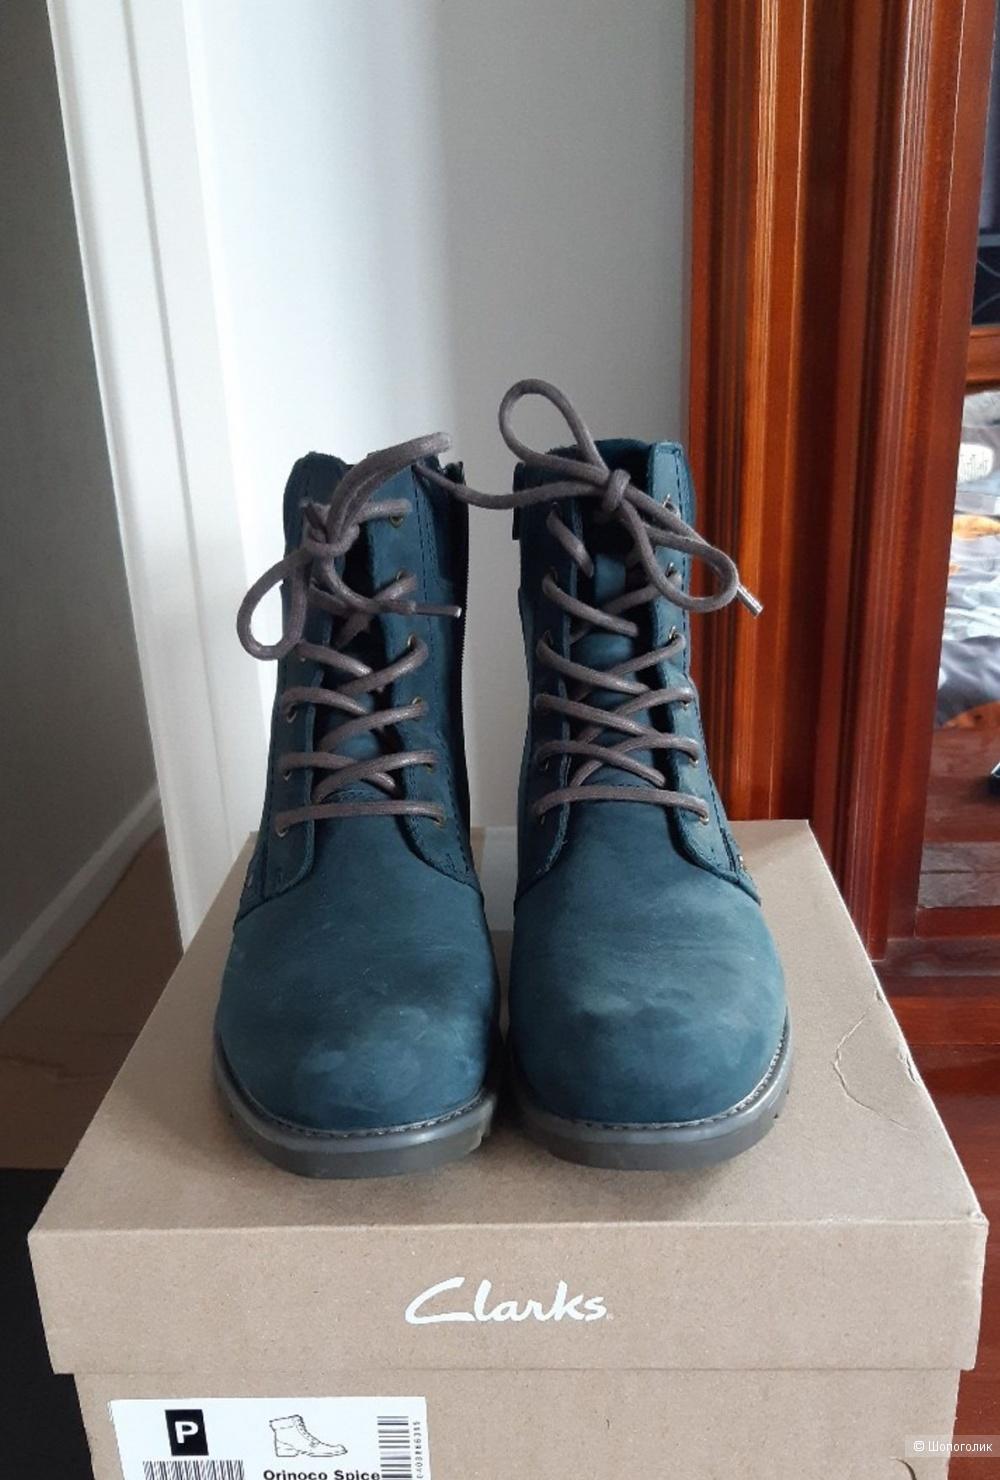 Ботинки Clarks размер 38